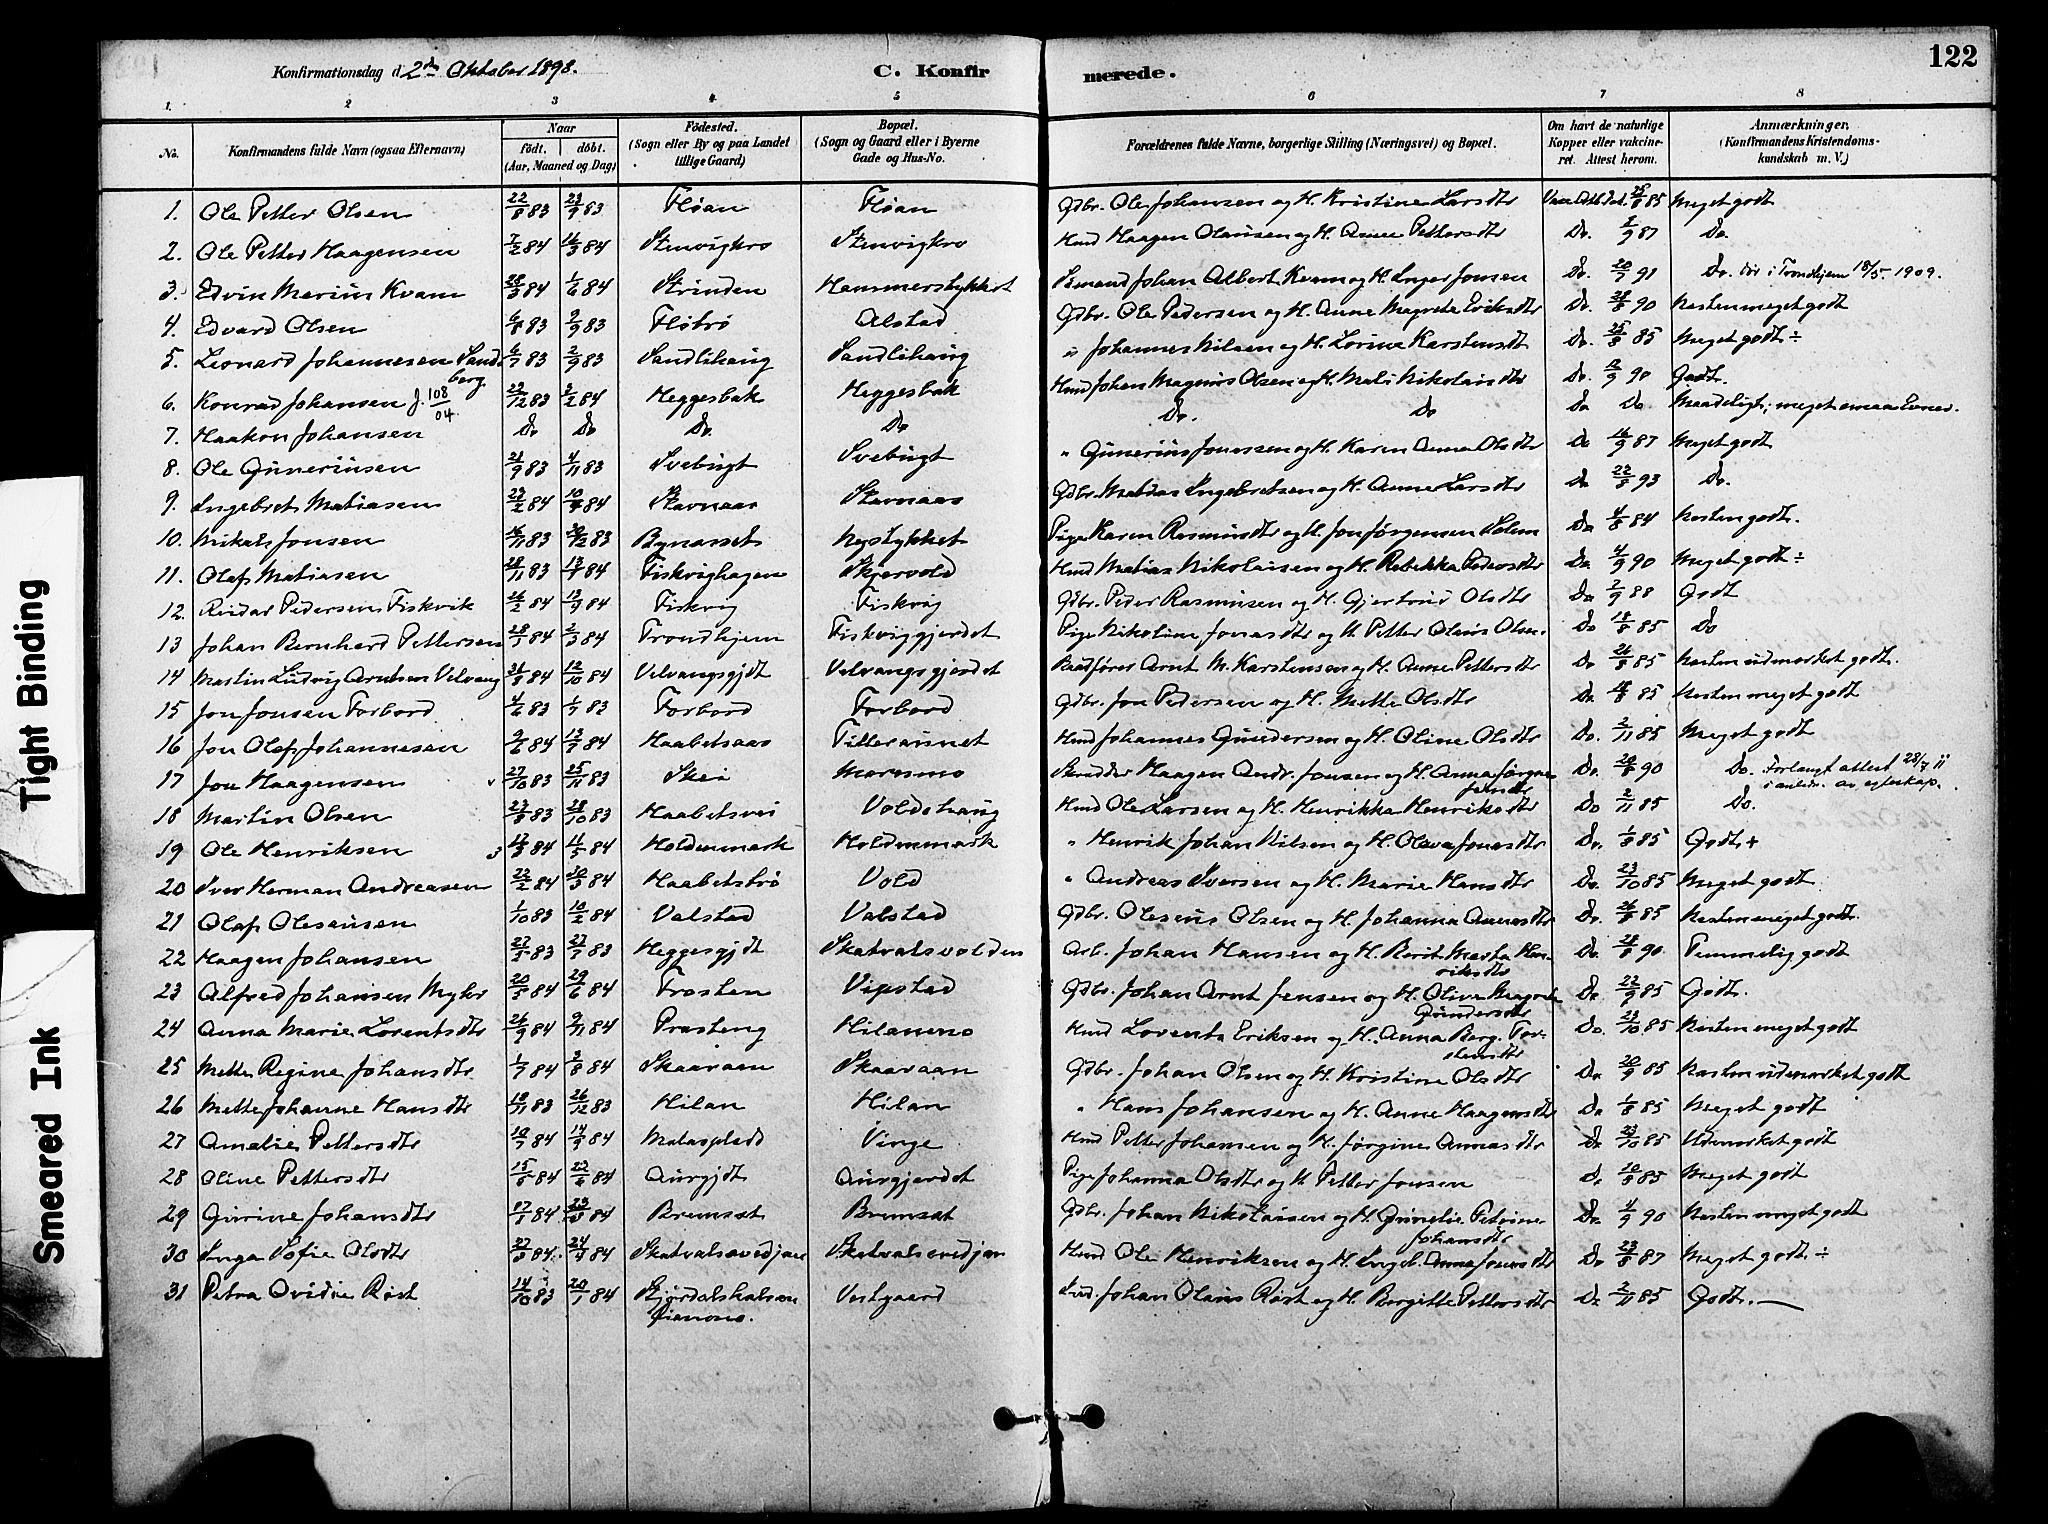 SAT, Ministerialprotokoller, klokkerbøker og fødselsregistre - Nord-Trøndelag, 712/L0100: Ministerialbok nr. 712A01, 1880-1900, s. 122